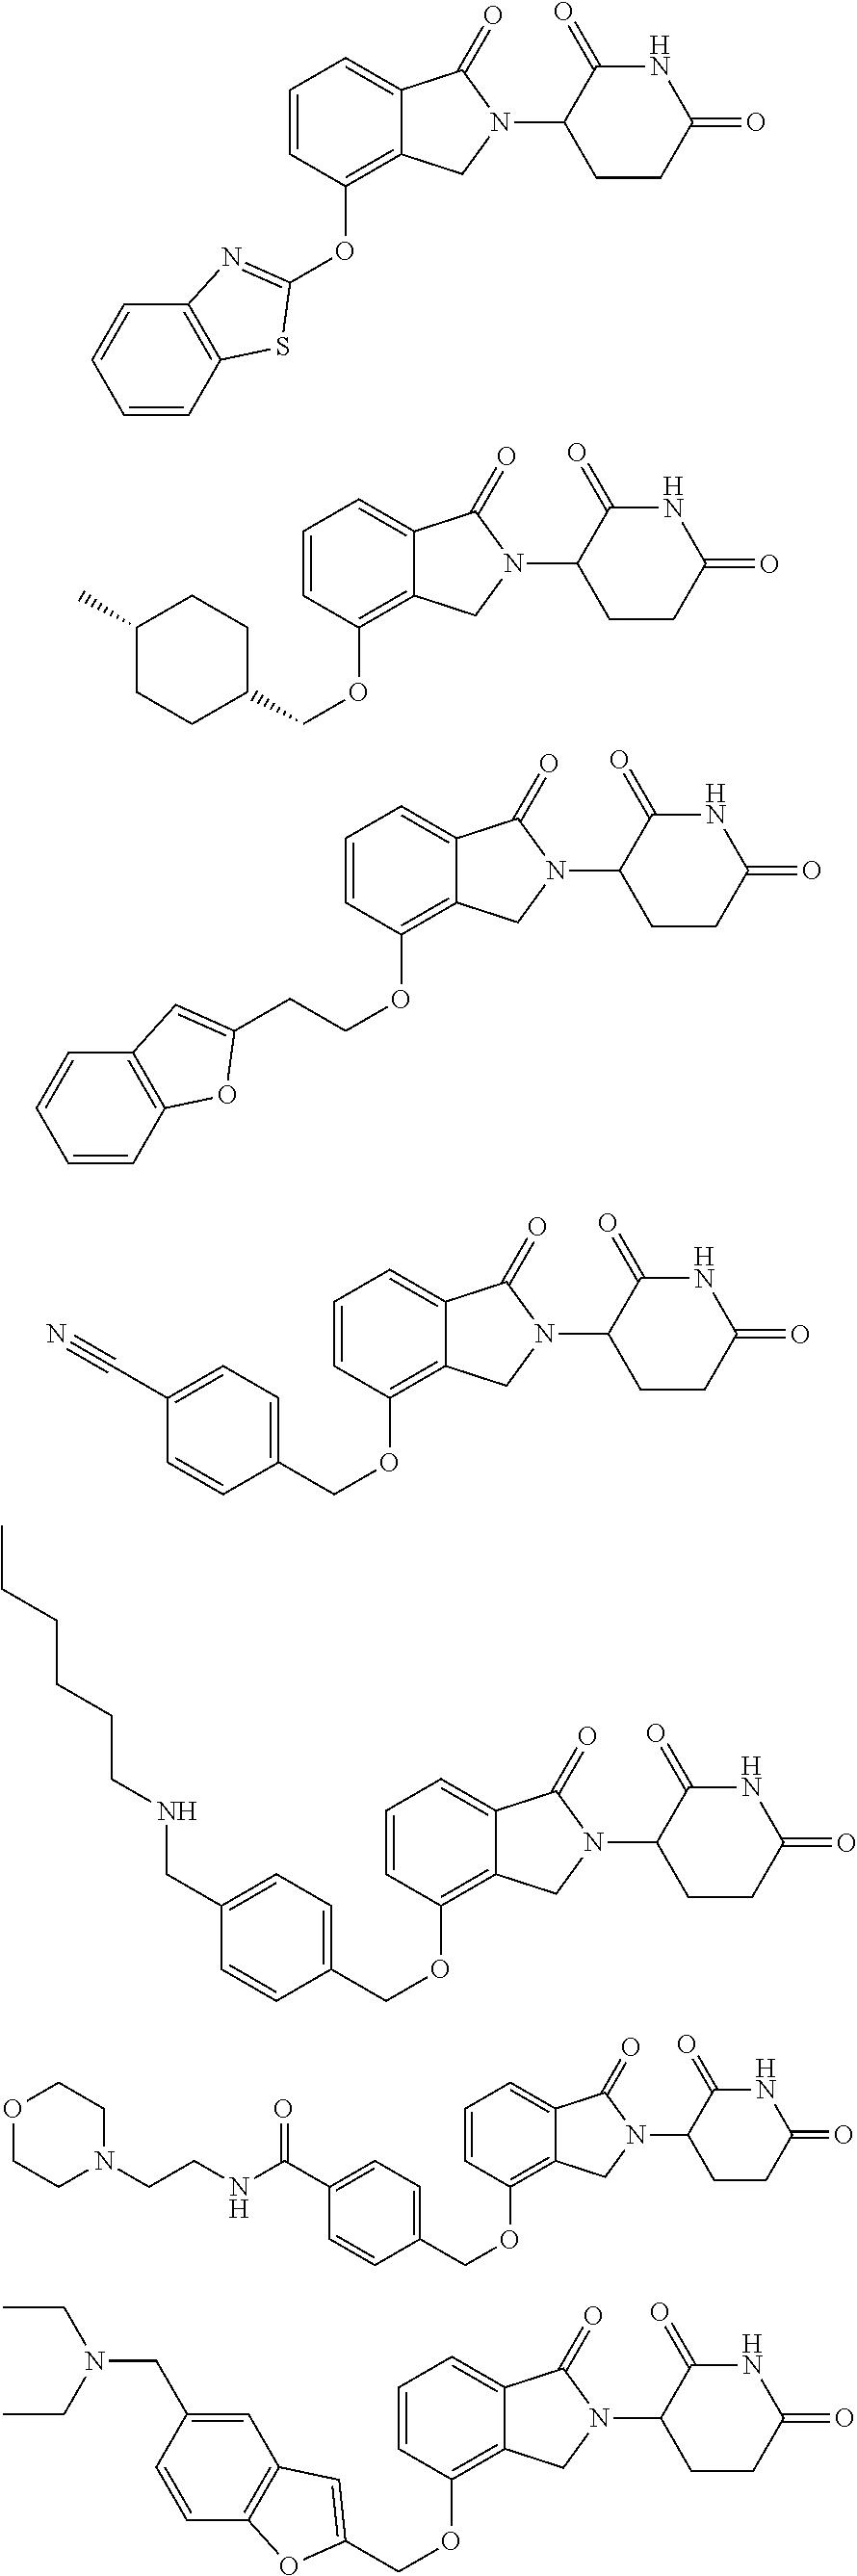 Figure US09822094-20171121-C00052